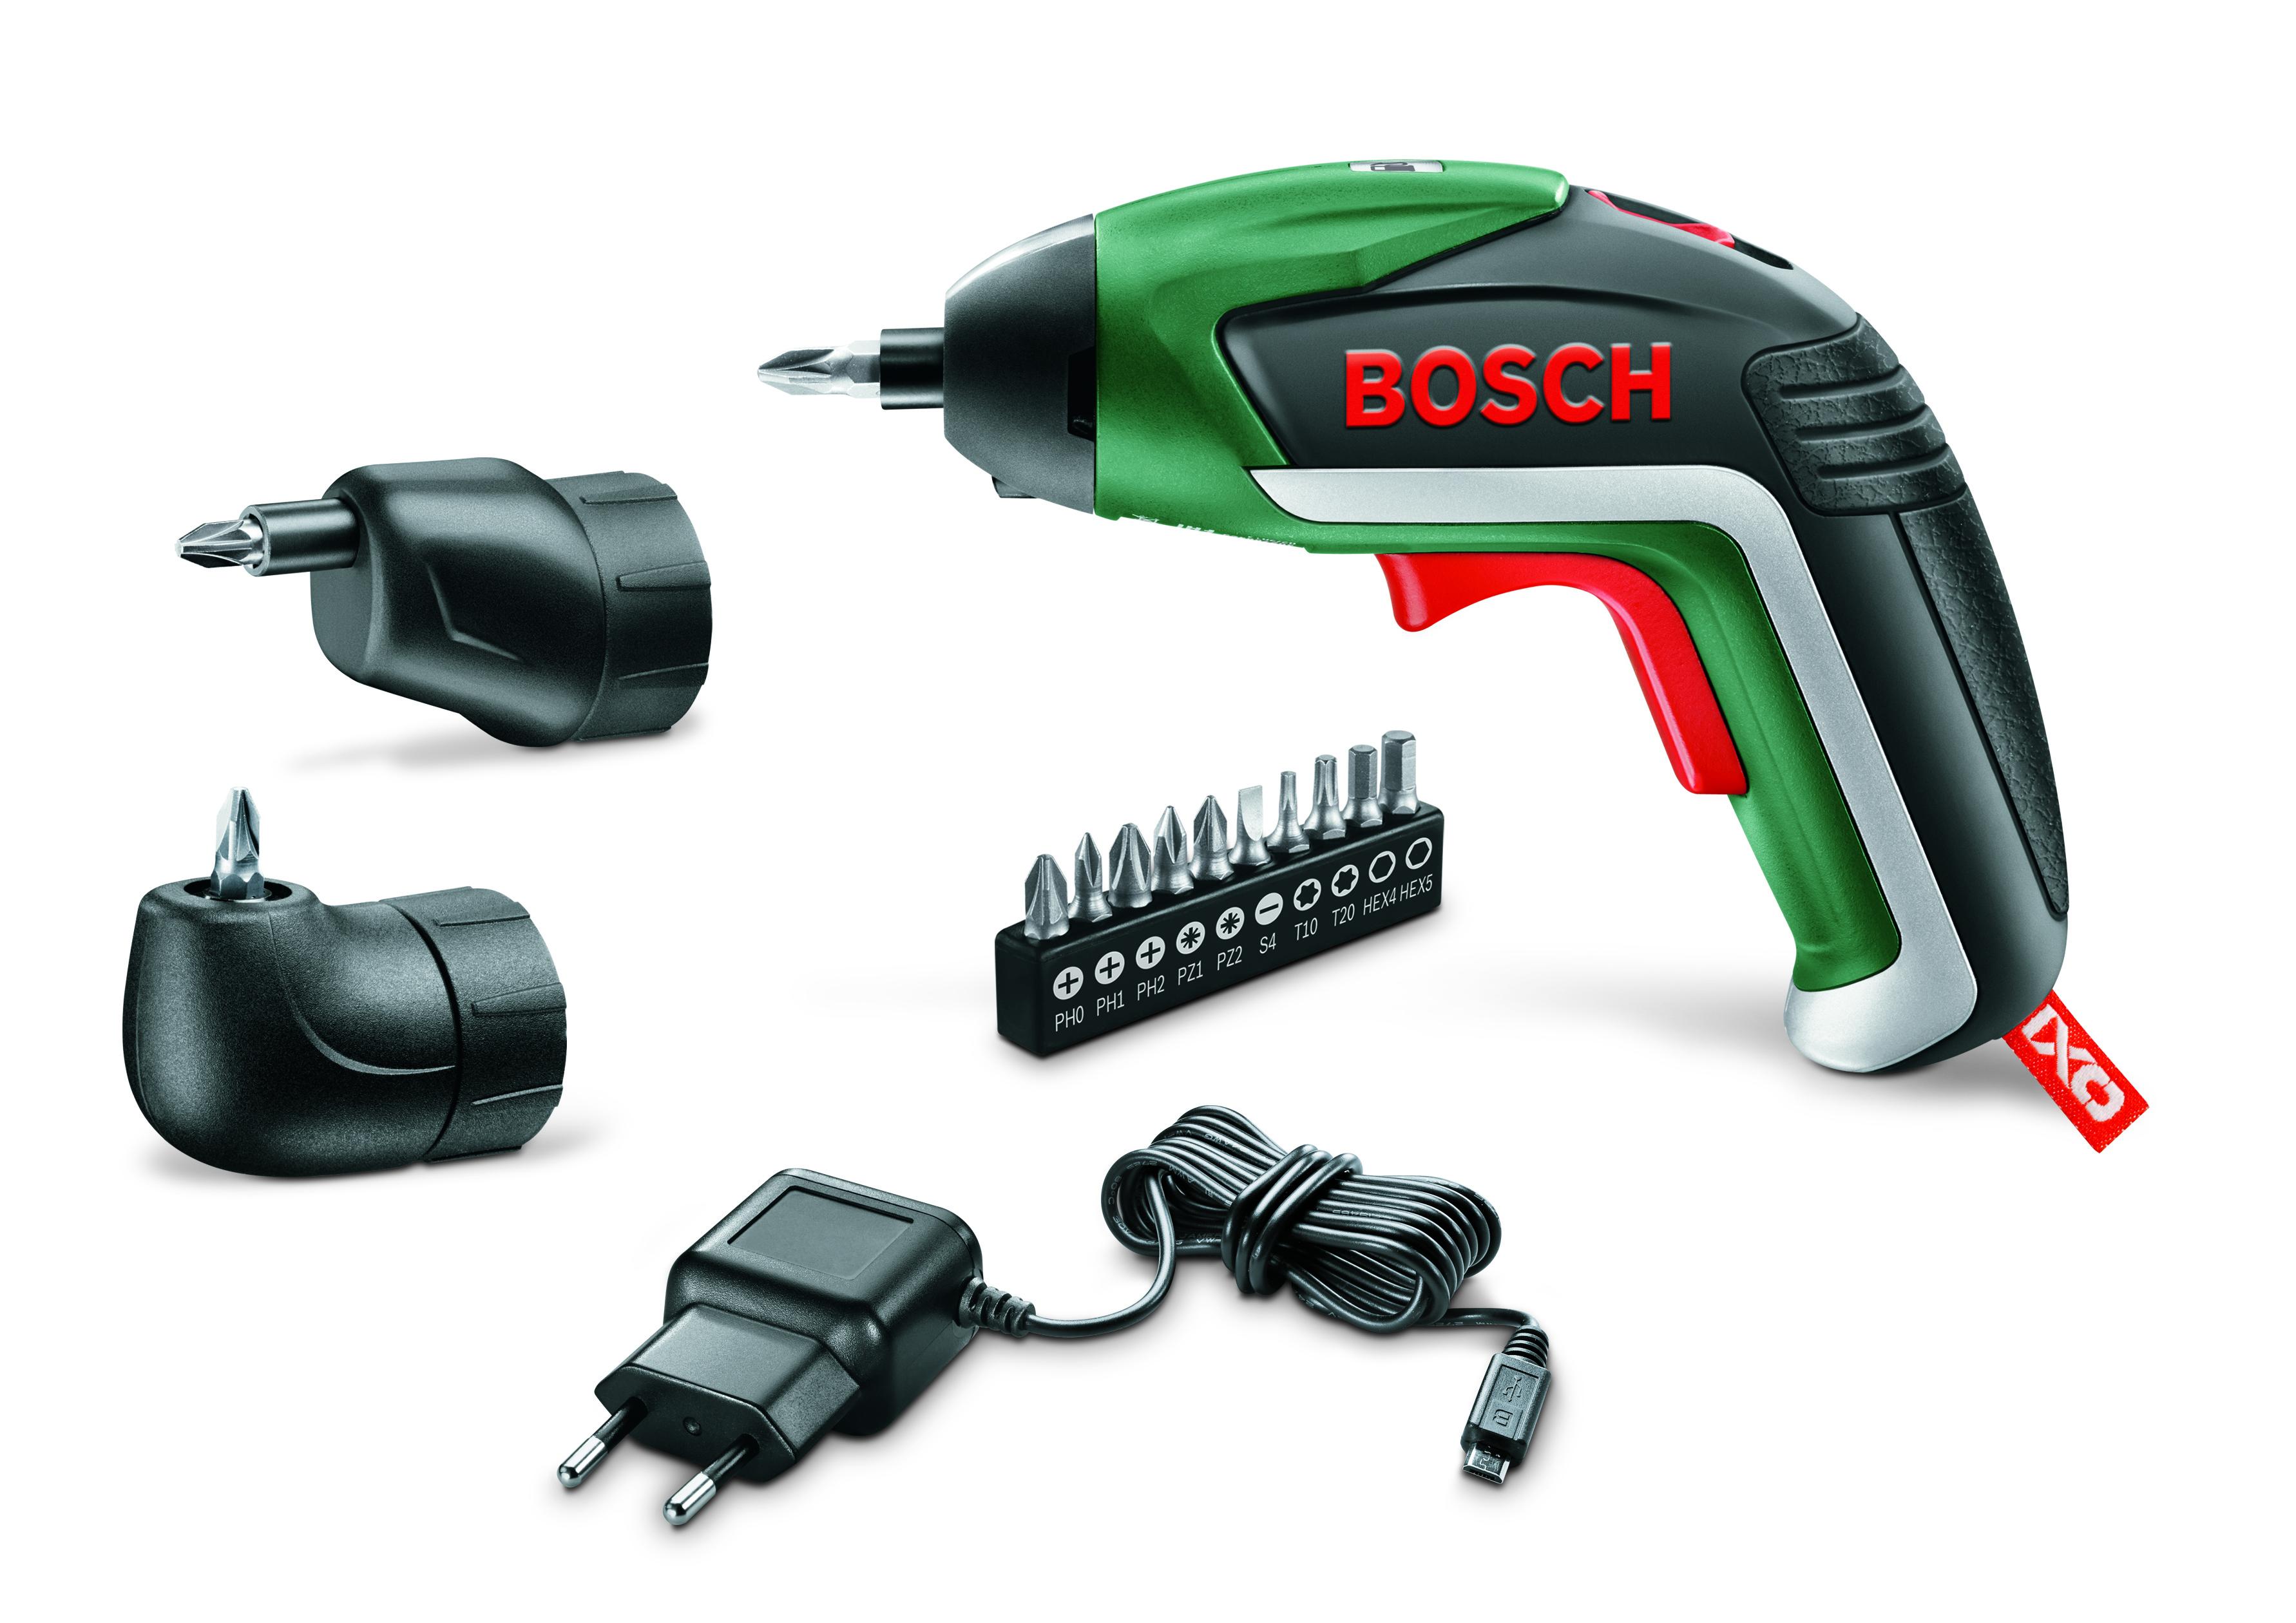 KLIMAHOUSE 2018 - Tutto il comfort di Bosch per vivere al meglio la casa